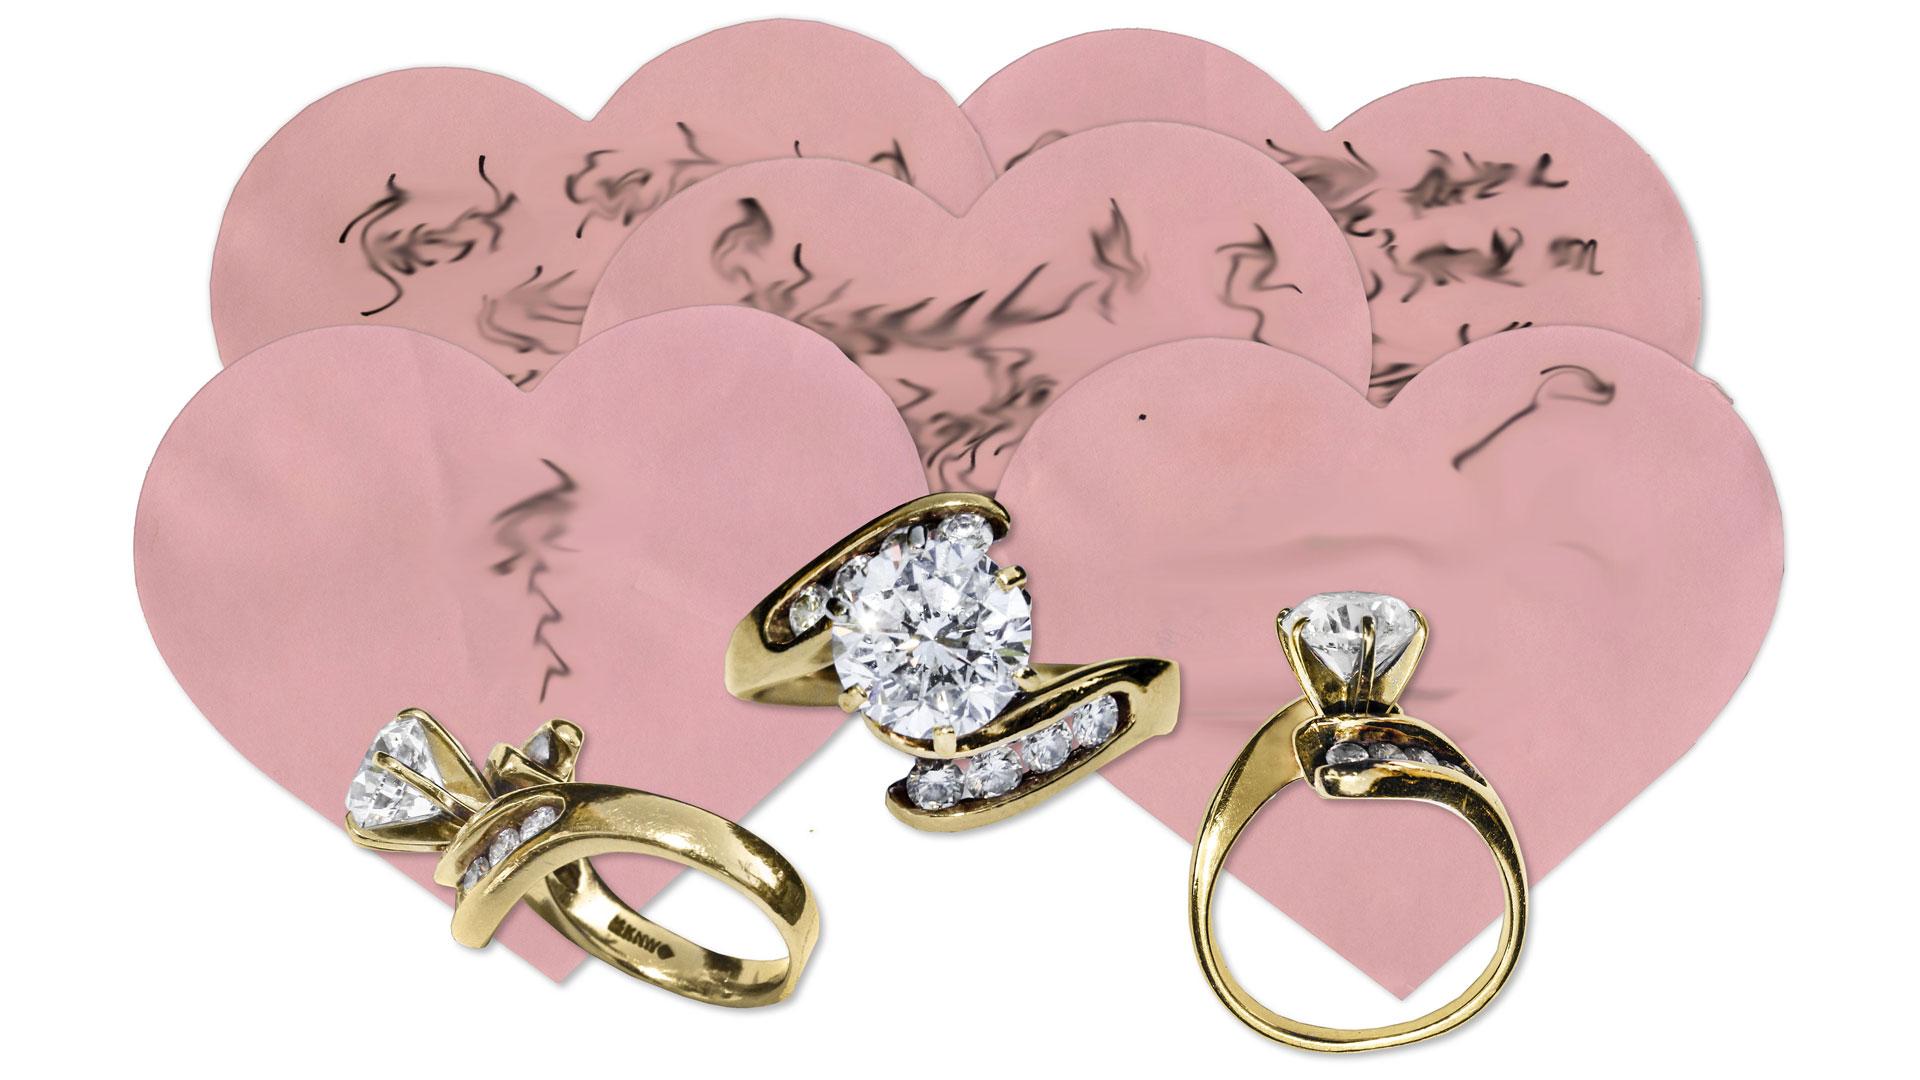 Der Verlobungsring und die Herzchen-Zettel mit romantischen Botschaften (Text wurde vom Auktionshaus unkenntlich gemacht)